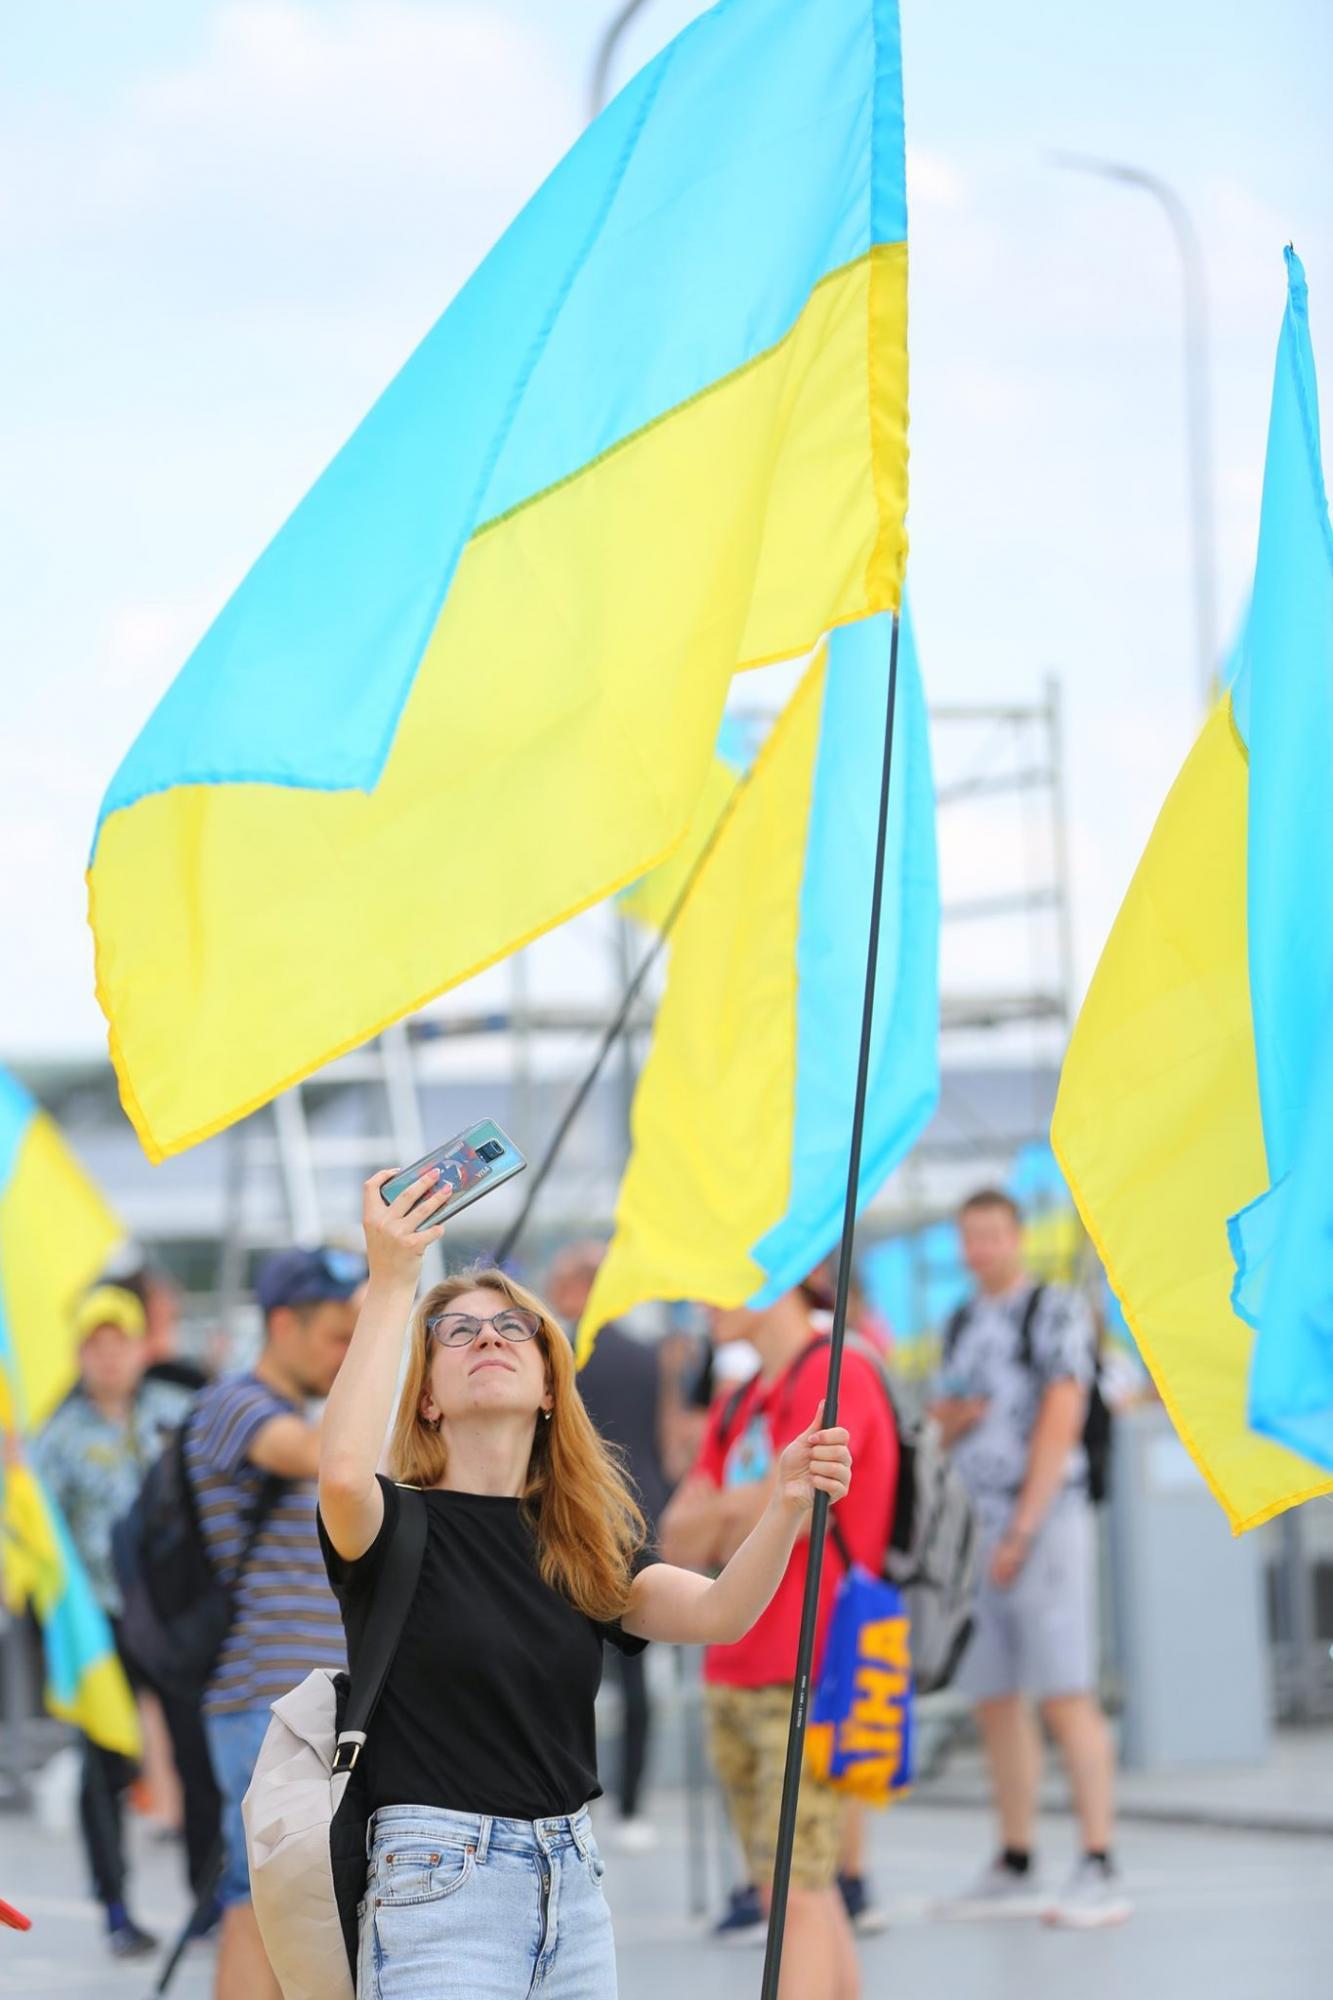 Збірна України в Борисполі (фото та відео)